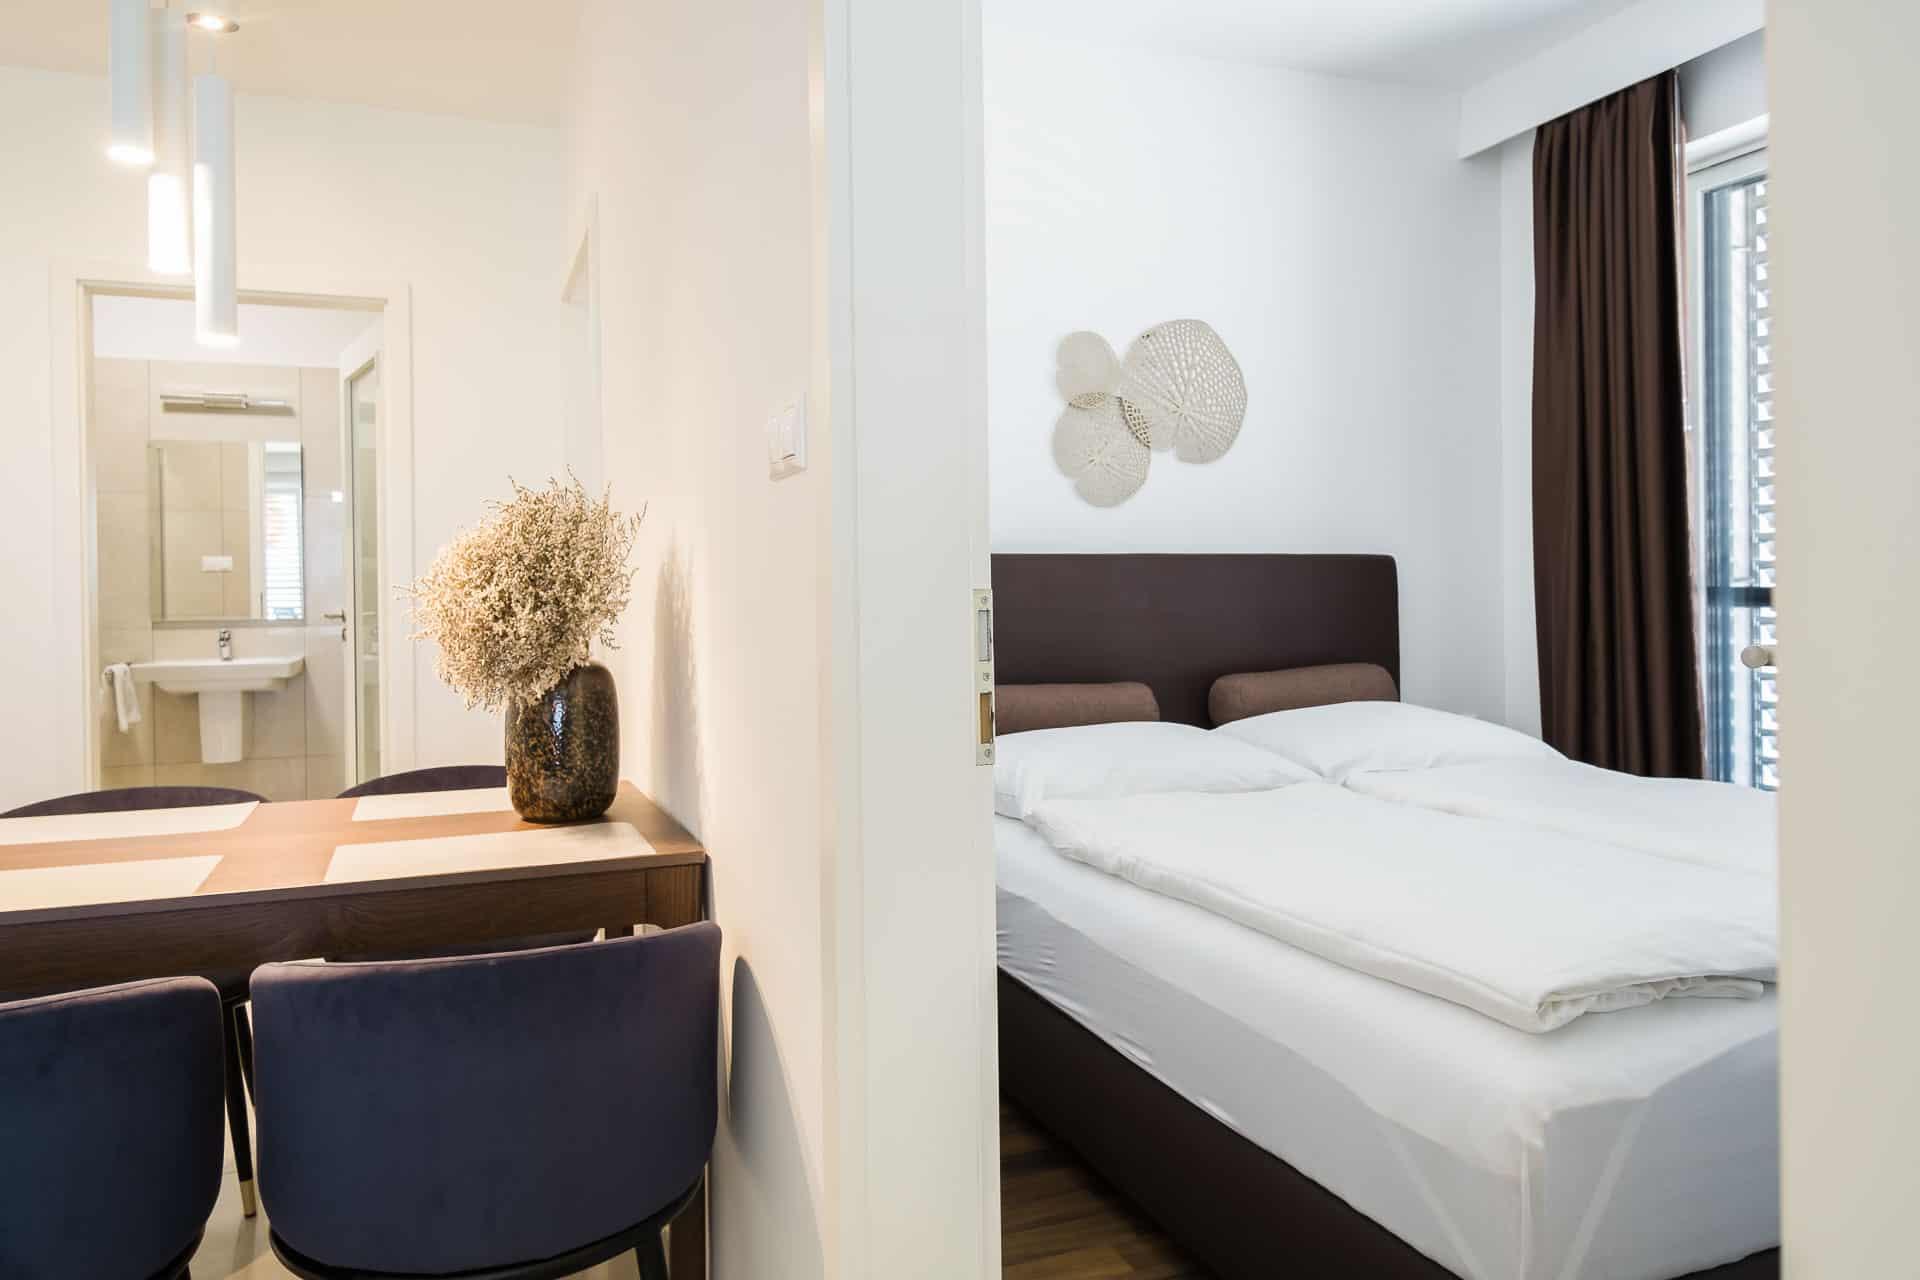 Vízparti apartmanok Keszthely - előtérben az étkező - háttérben a háló.